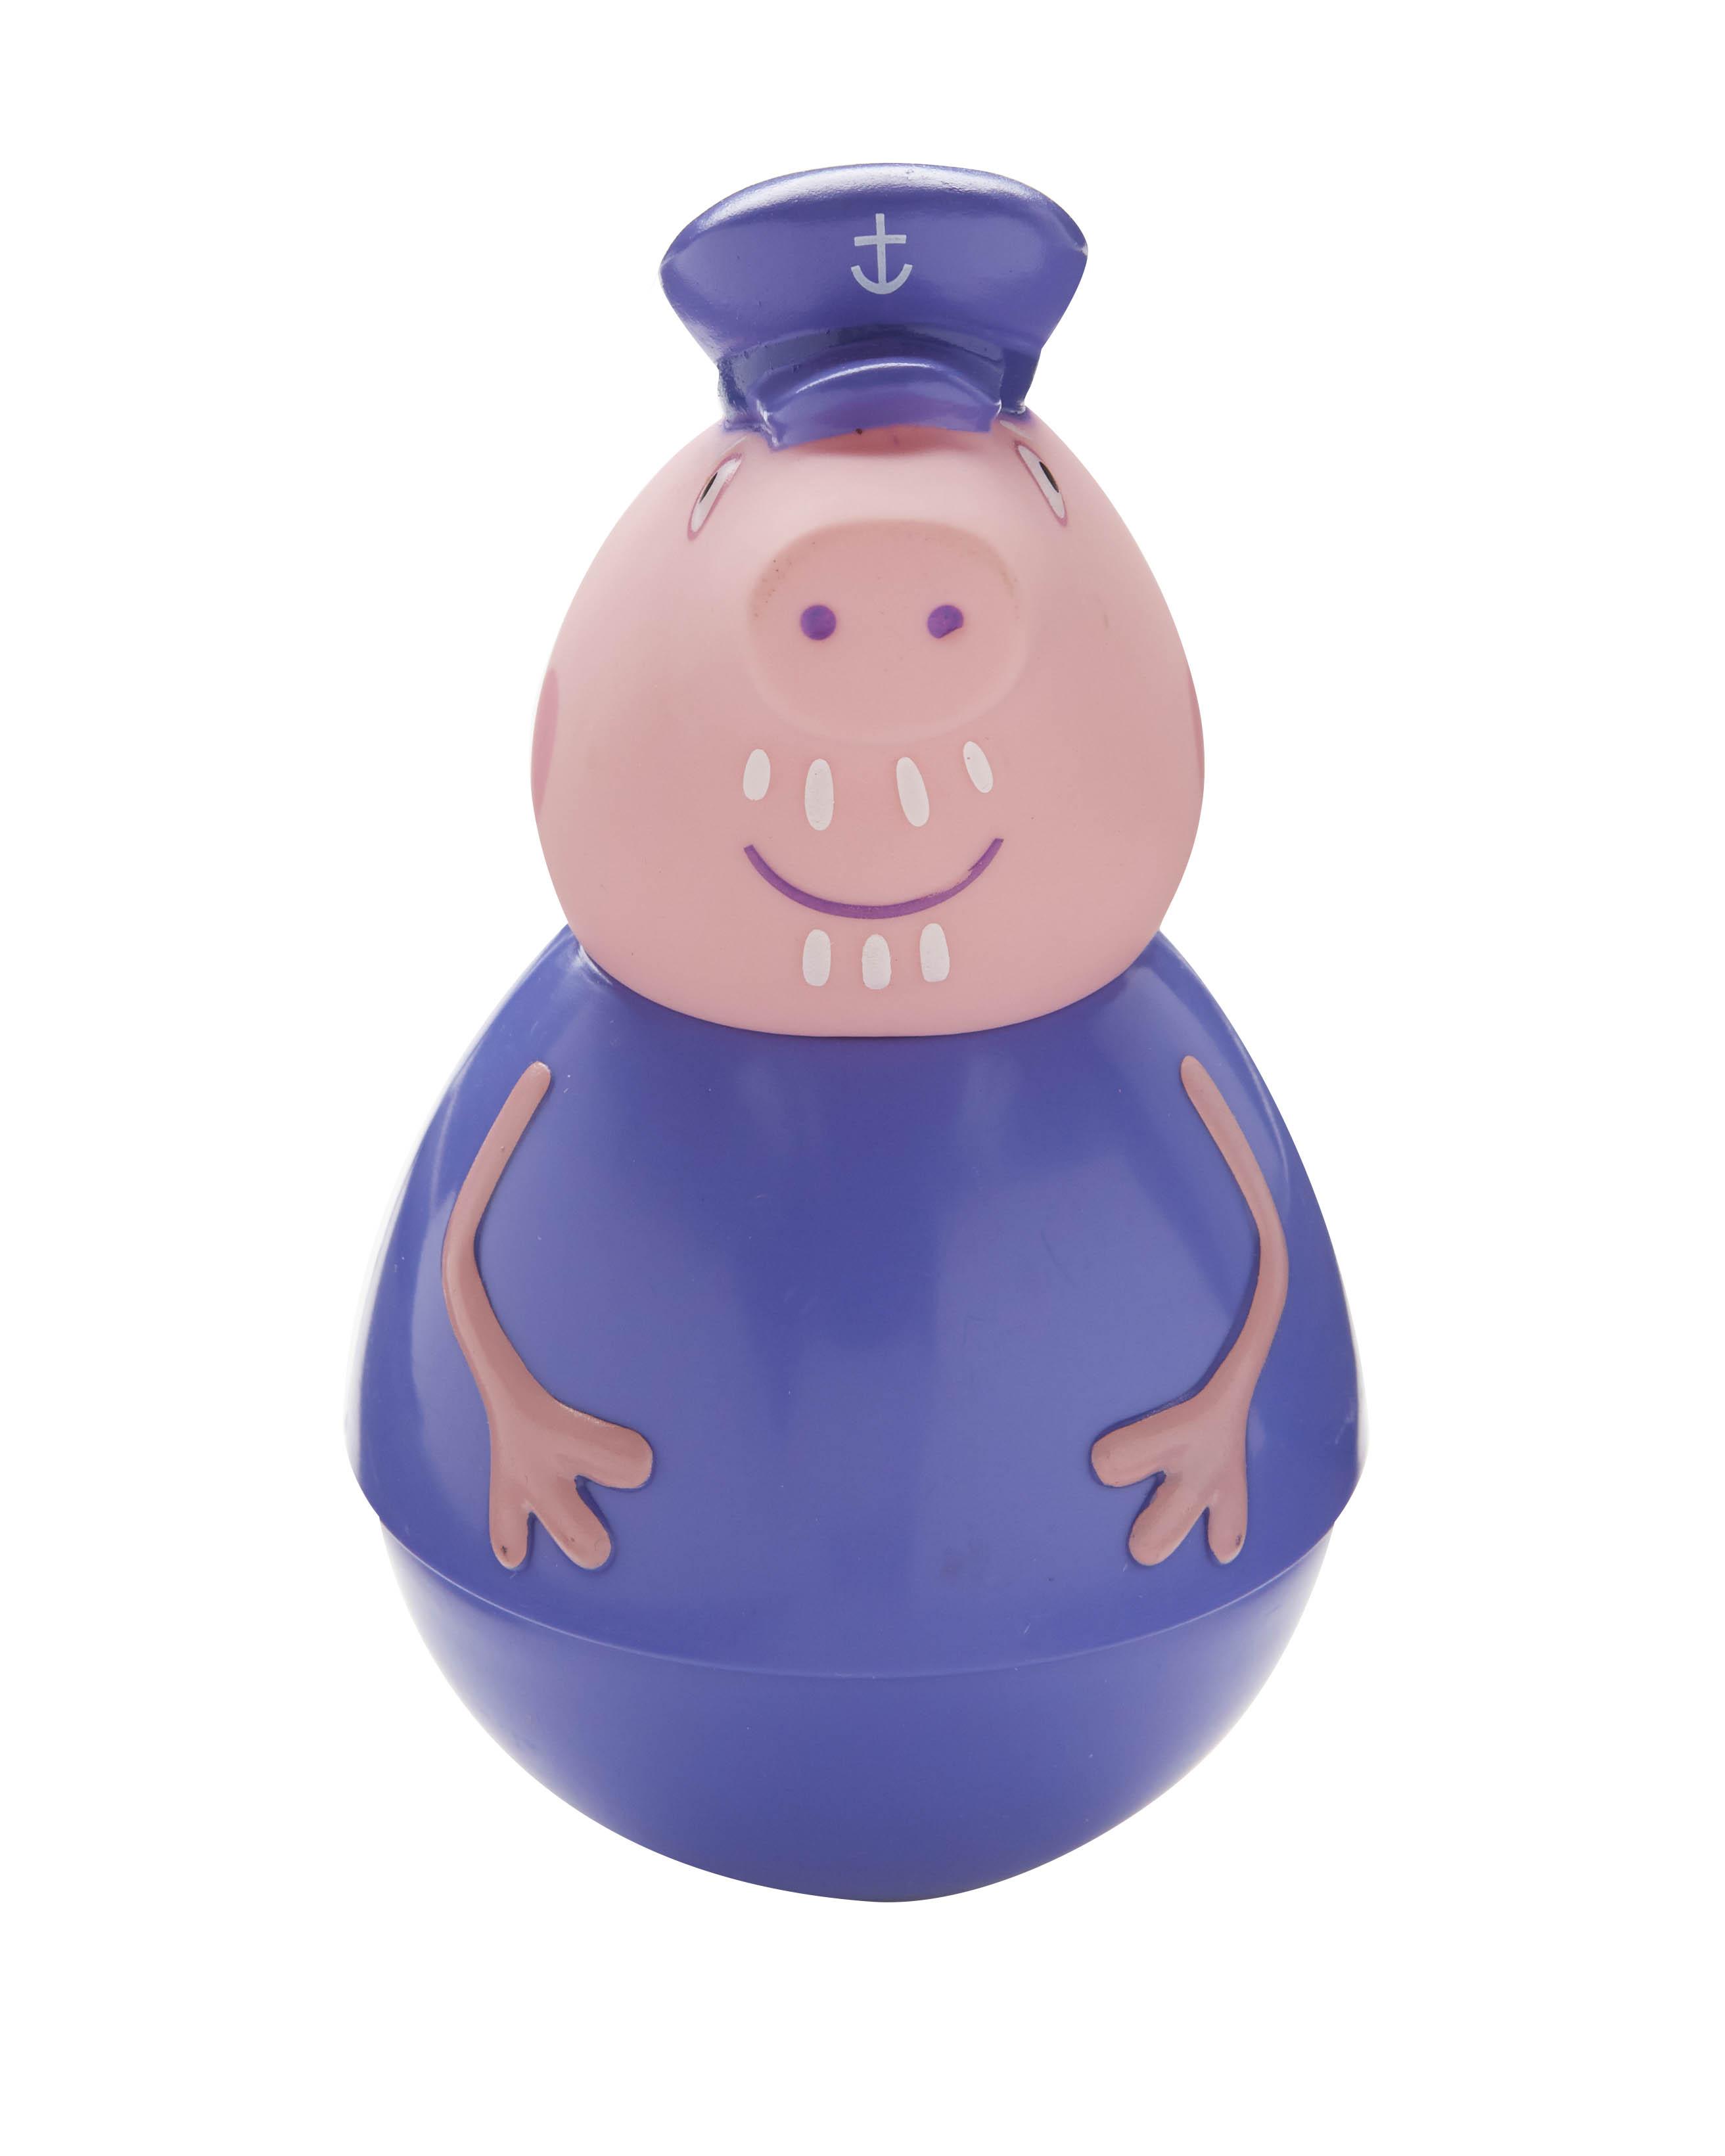 Купить Фигурка-неваляшка Weebles «Дедушка Пеппы» тм Peppa Pig, Росмэн